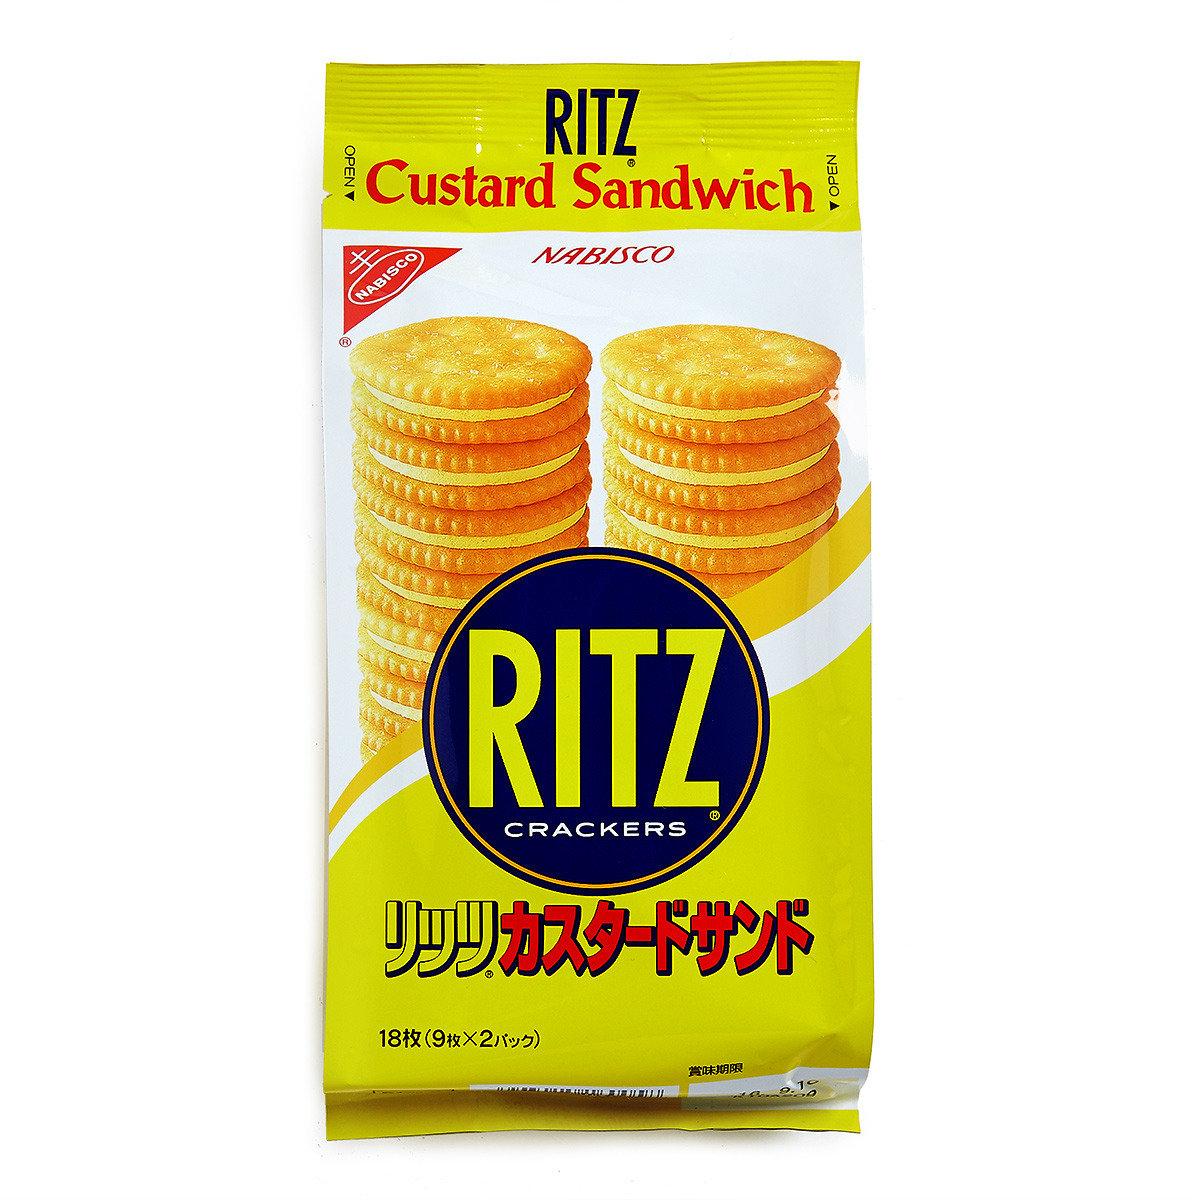 RITZ 奶油夾心餅